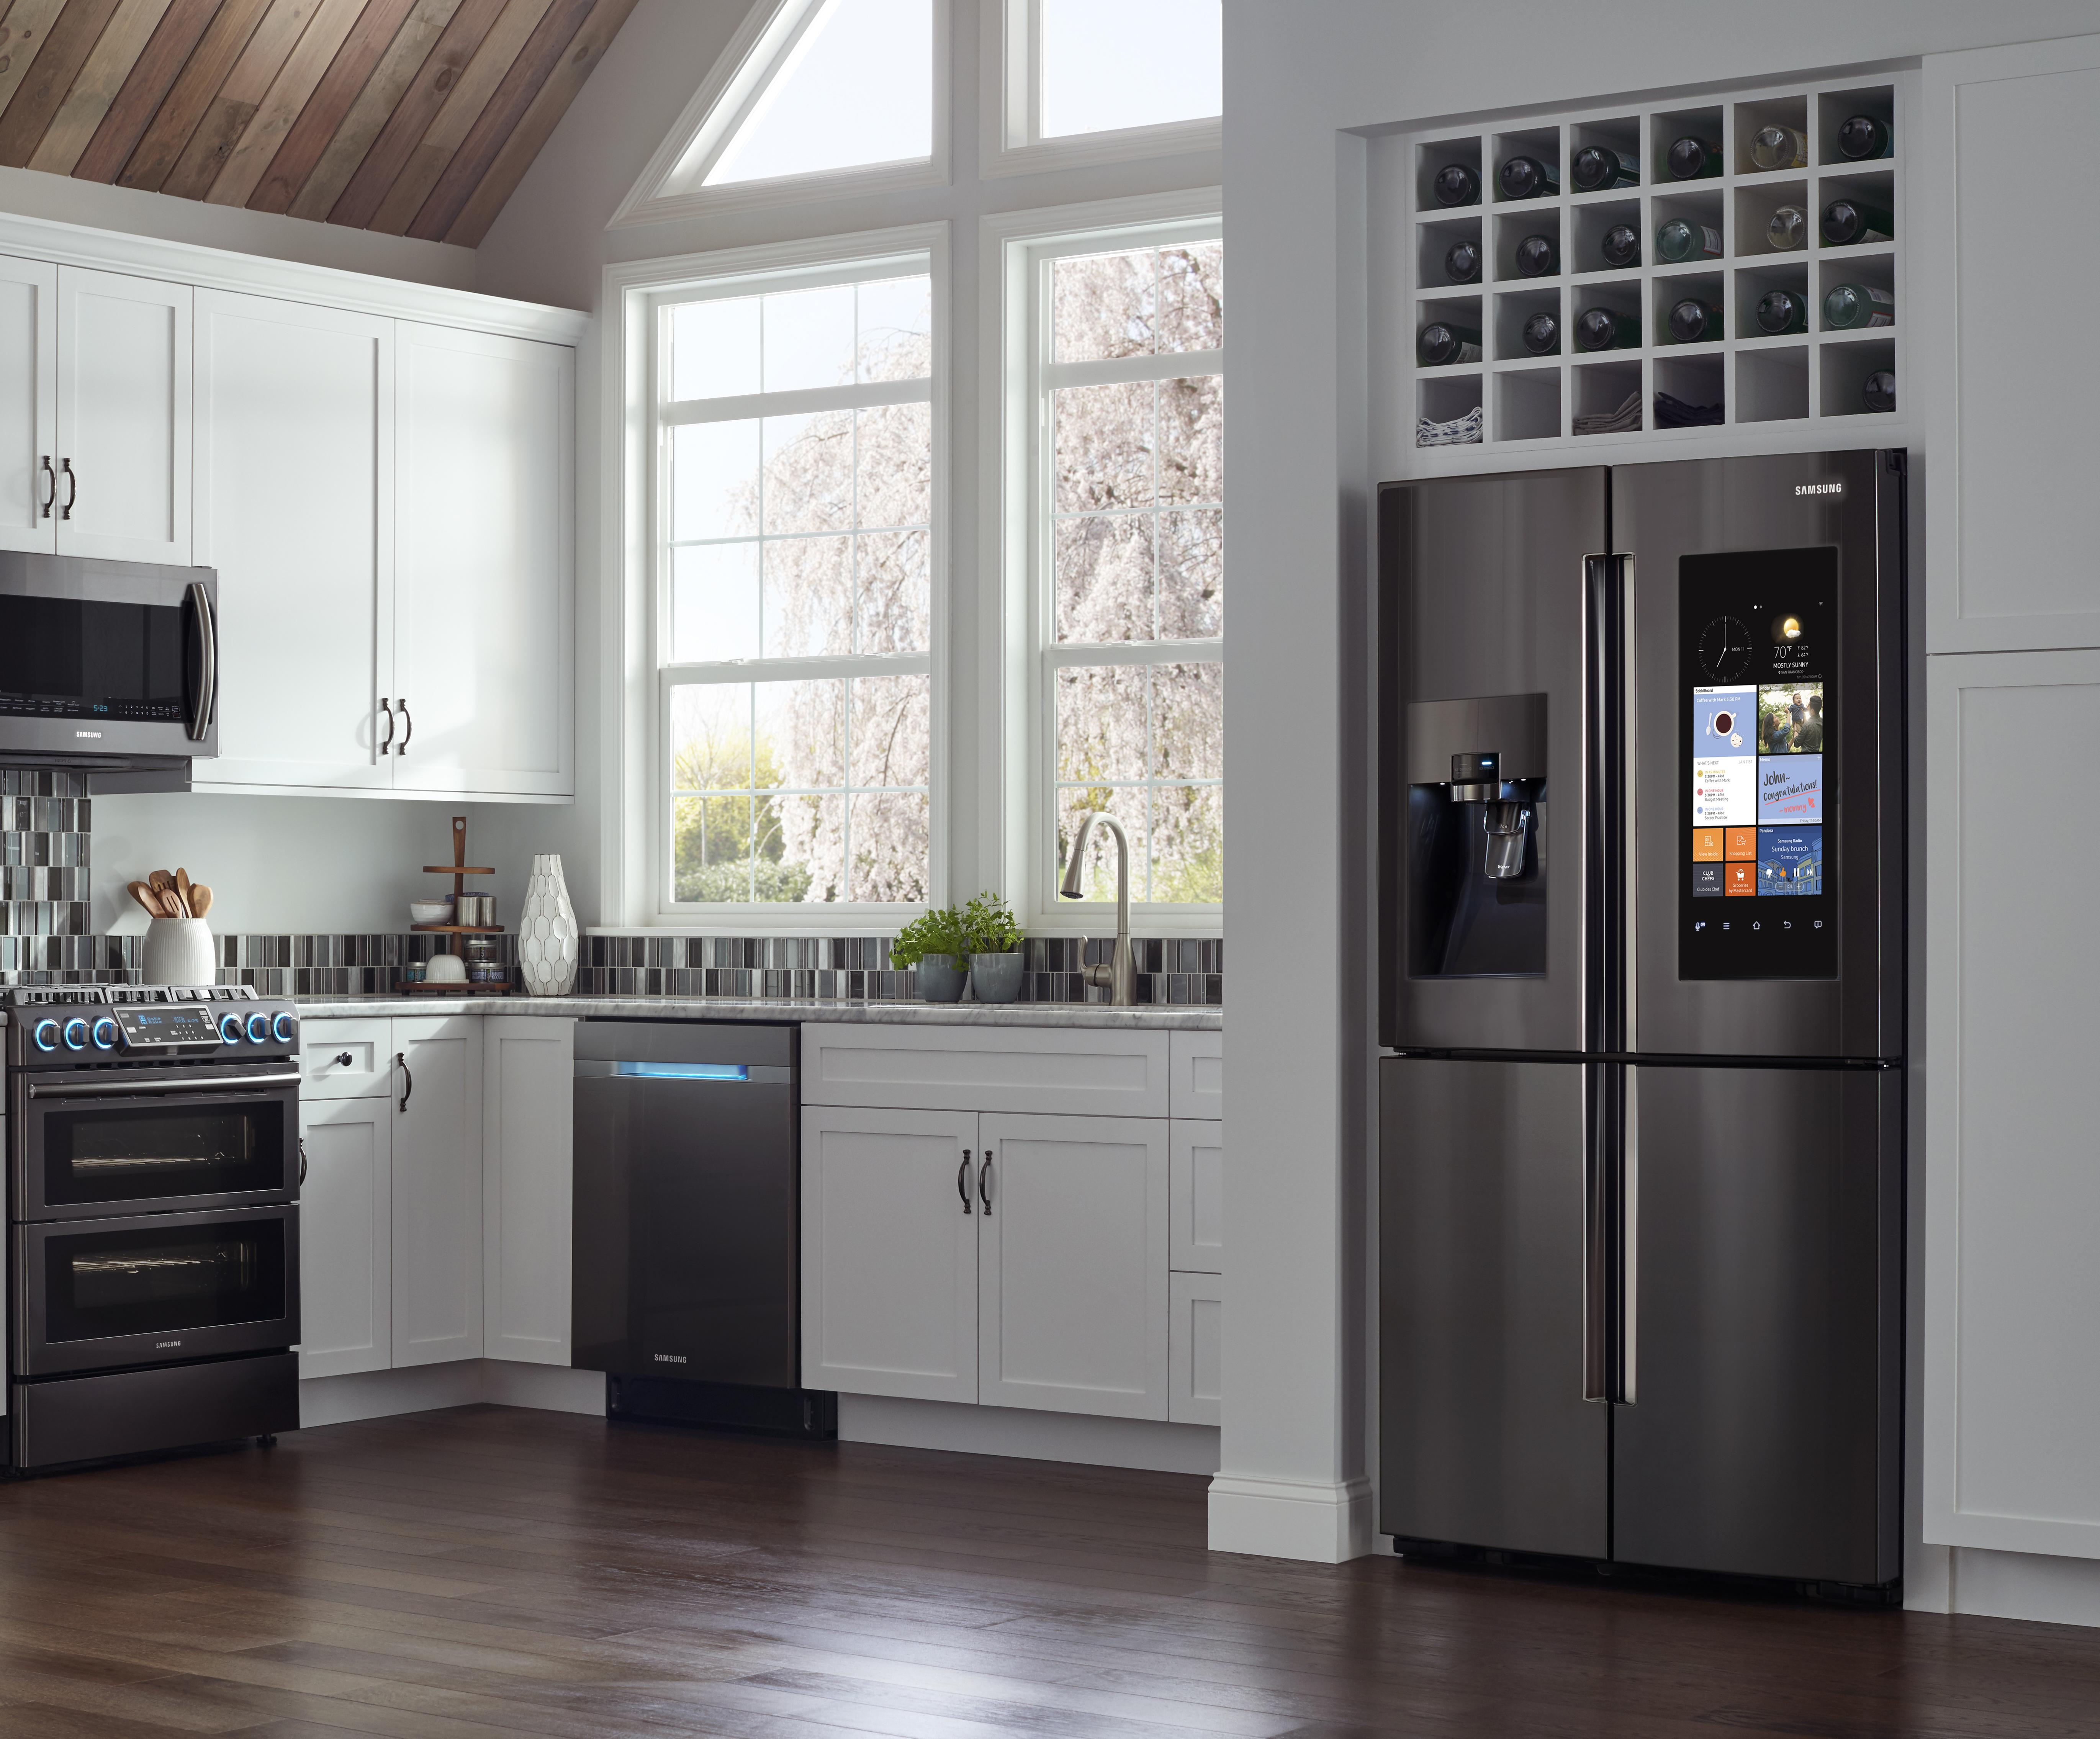 Samsung Reinvents the Refrigerator - Samsung US Newsroom